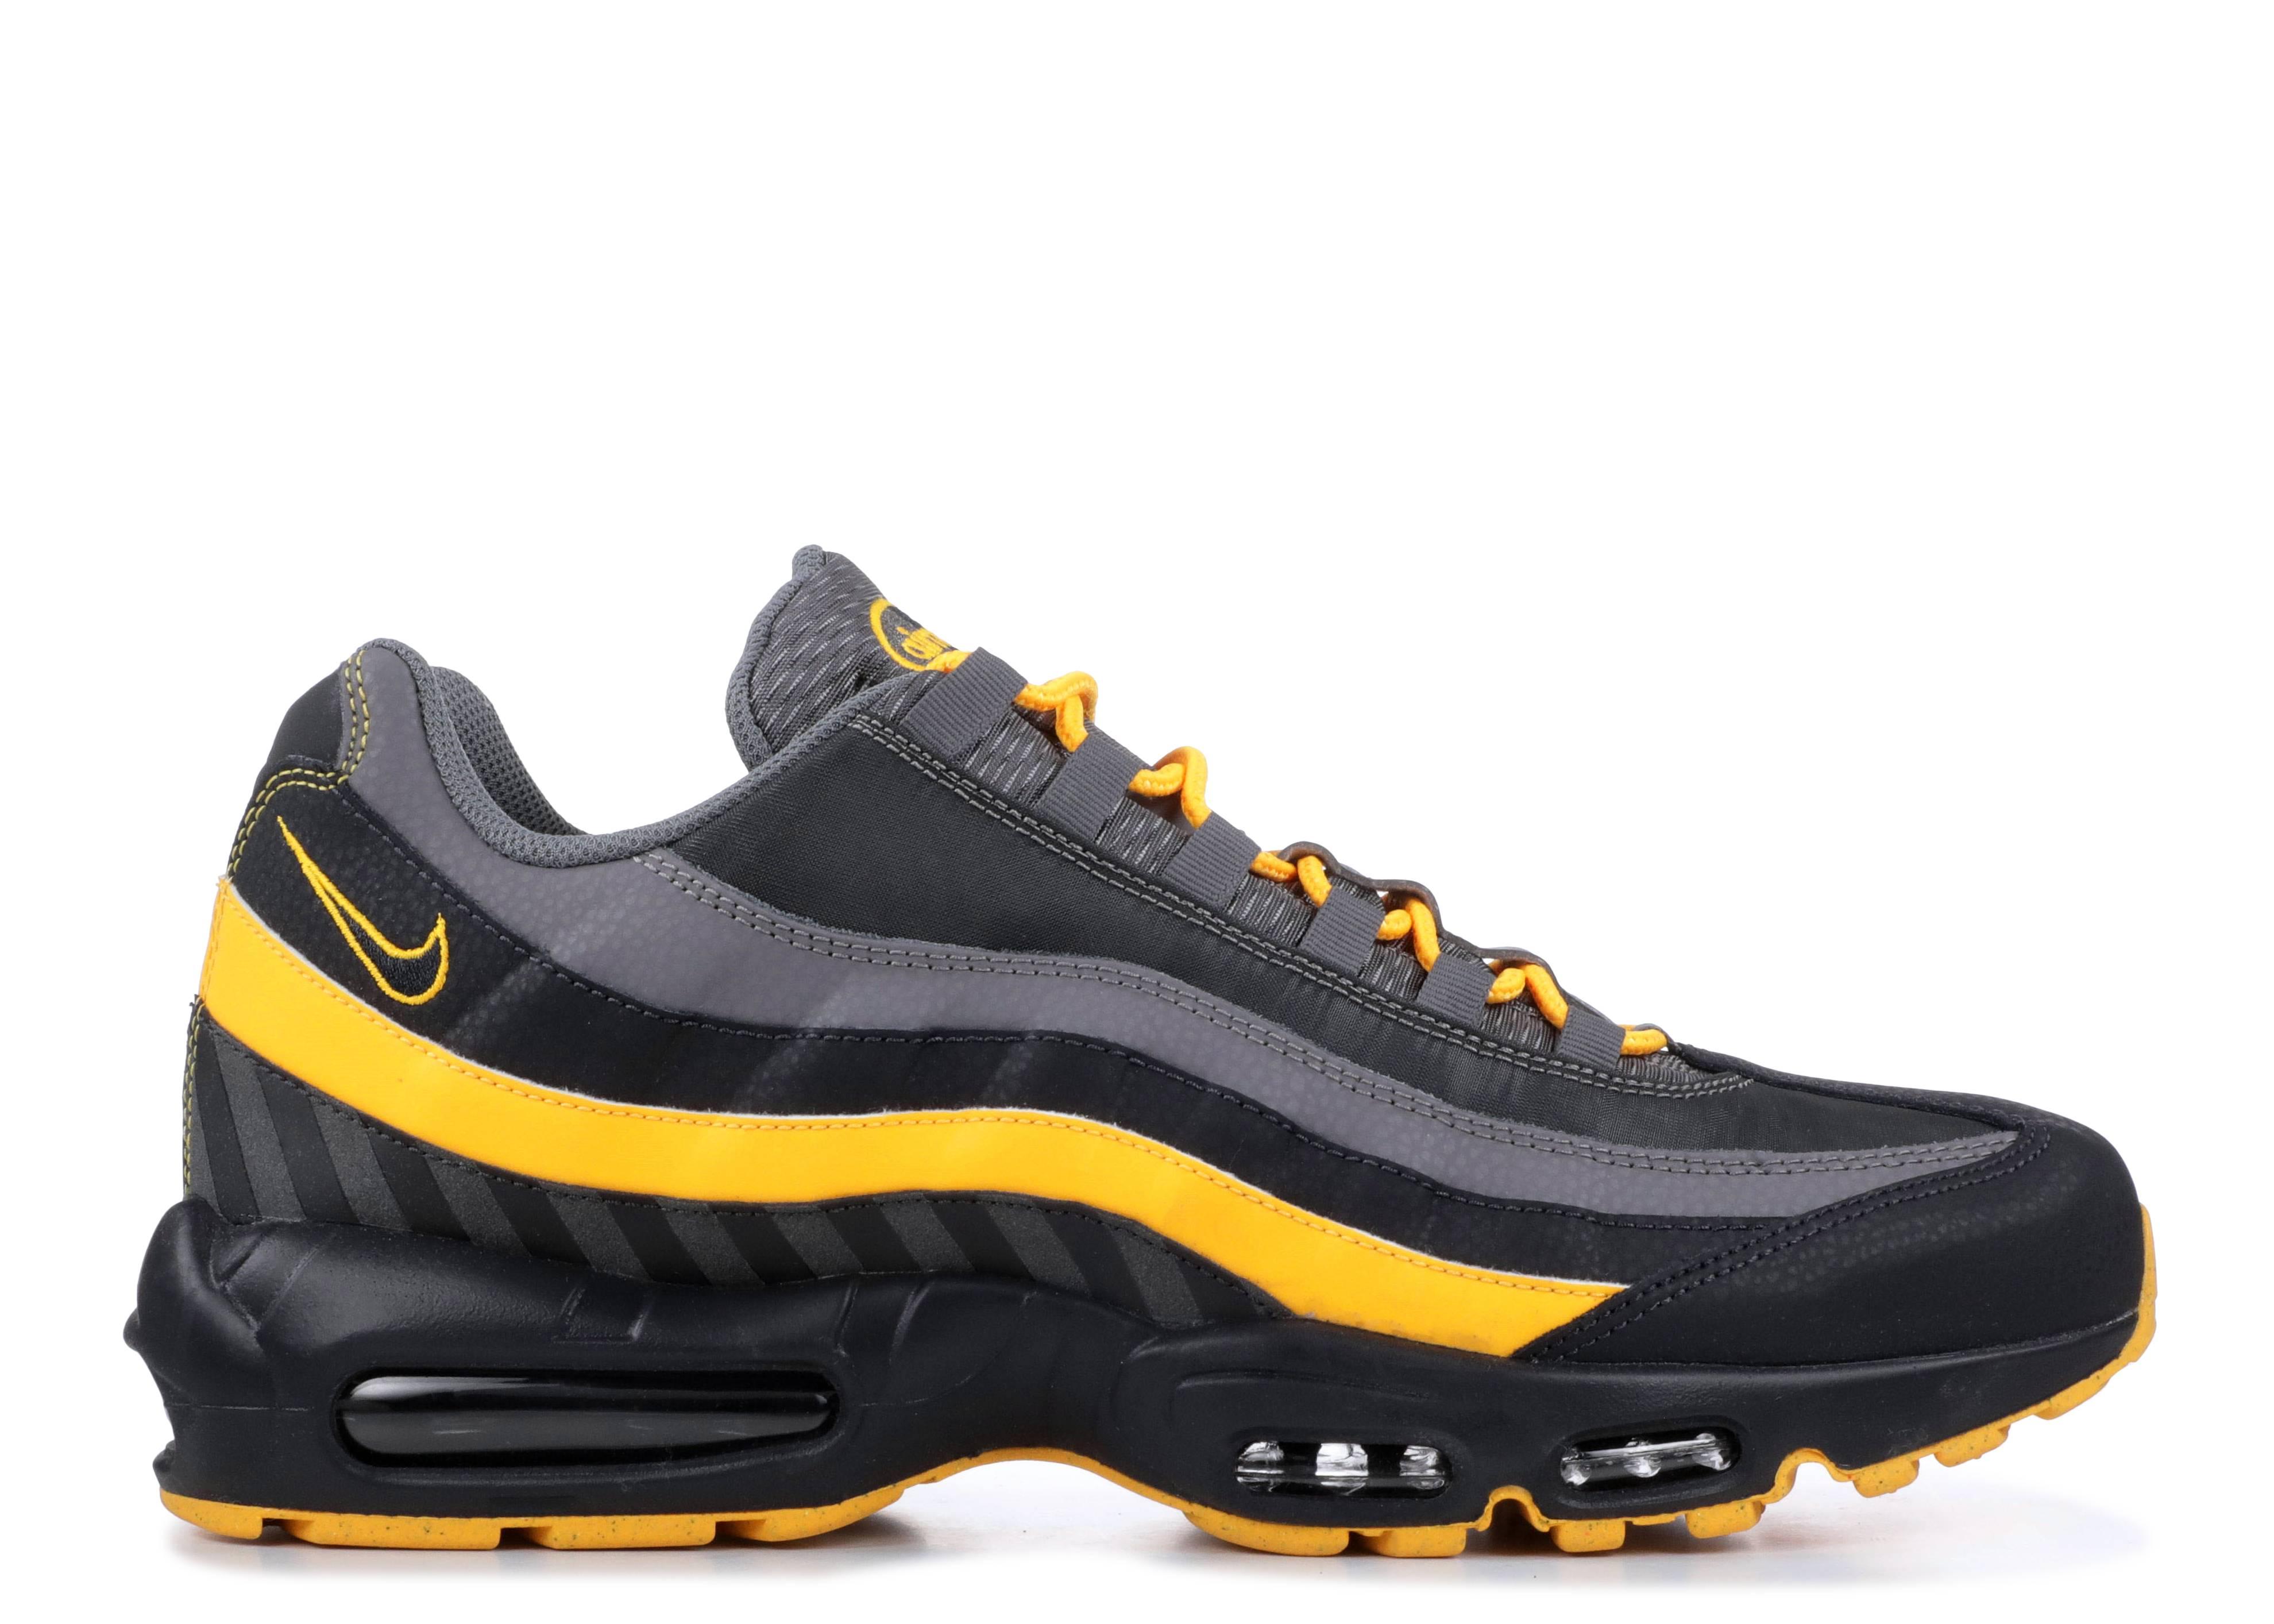 Mens Nike Air Max 95 Shoe Oil Grey Laser Orange Gun Smoke Bv6064 001 Size 10